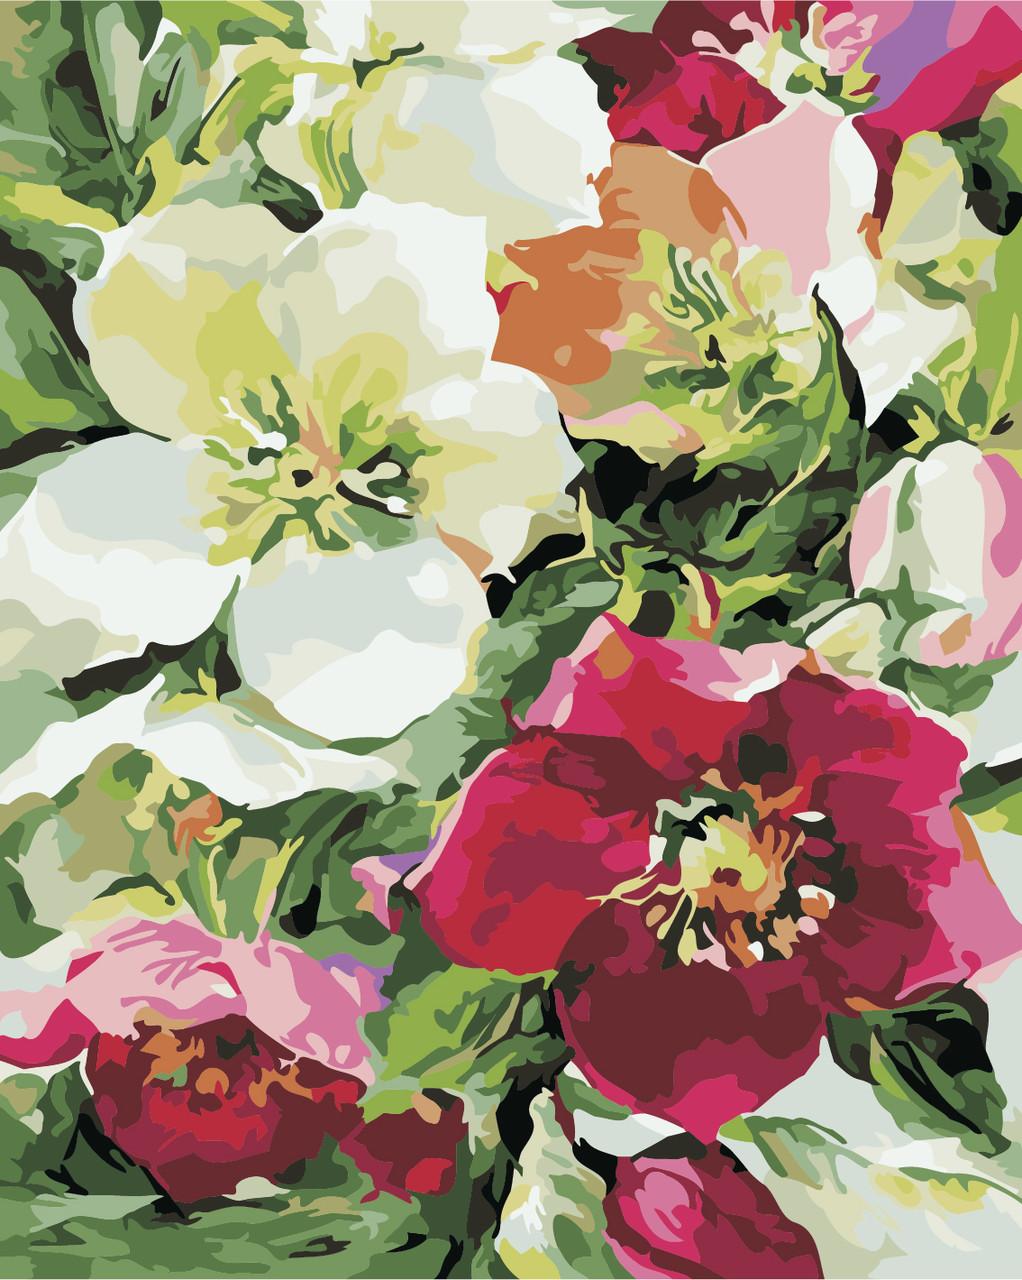 Картина по номерам Цветочное настроение 40 х 50 см (AS0340)